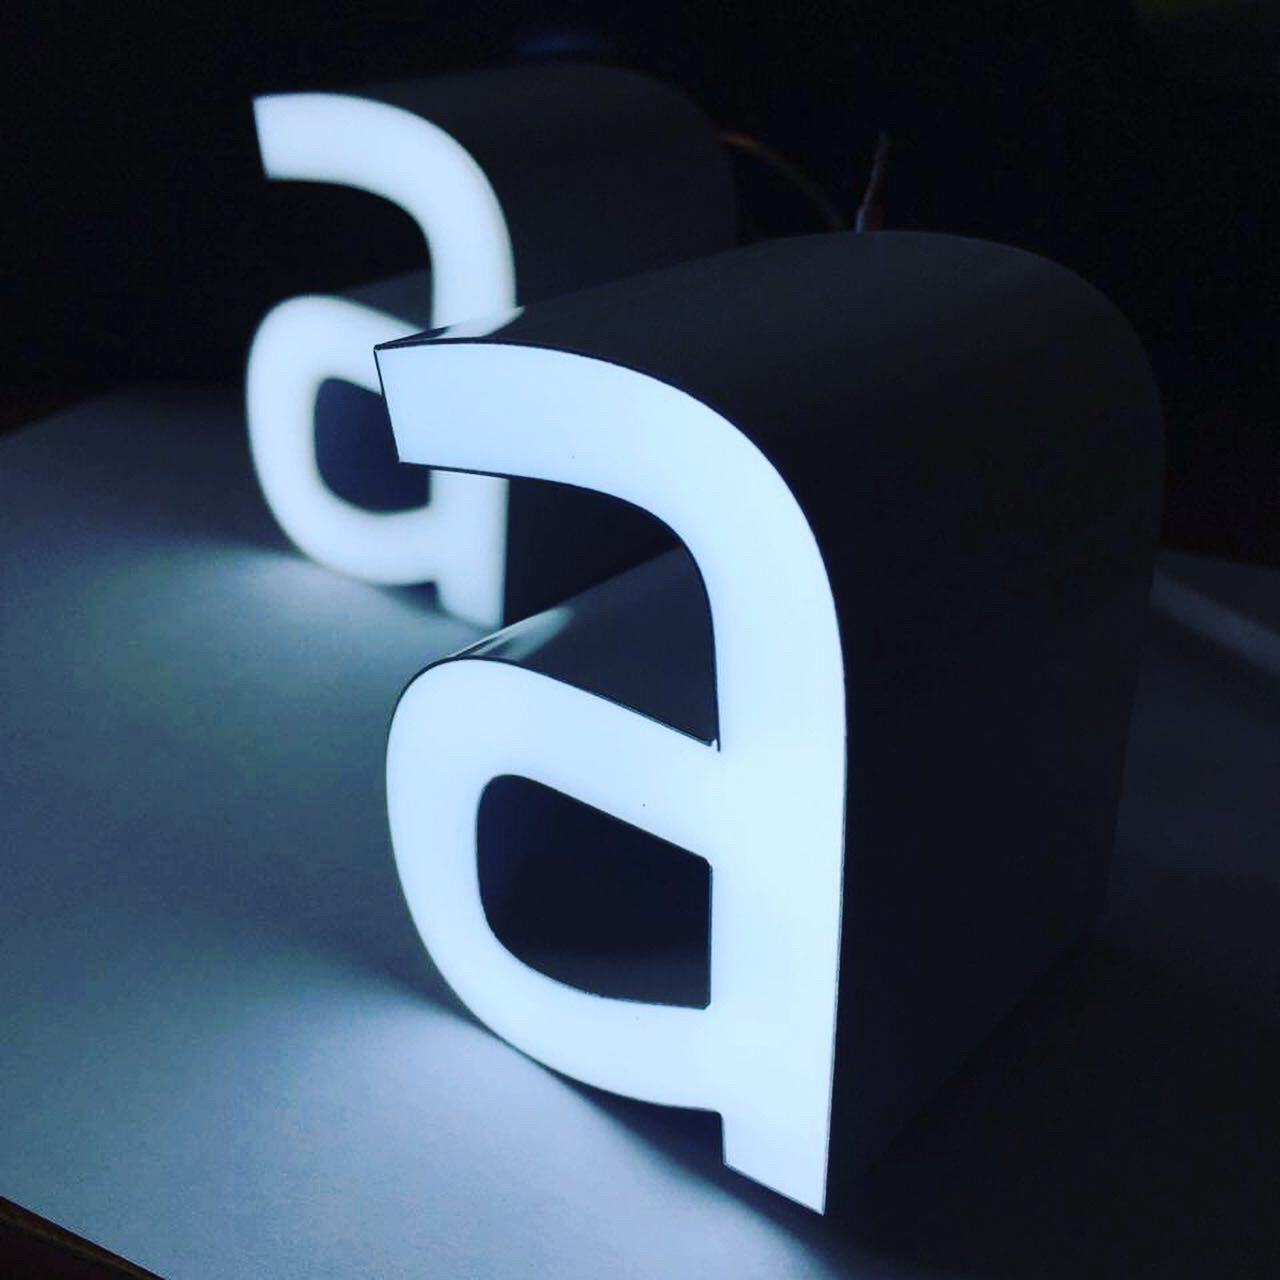 Яркие вывески, вывески из алюминия, долговечные вывески, акрловые вывески, инновационные вывески, современные вывески, новые технологии производства вывесок, световые буквы, световые вывески, светодиодные вывески